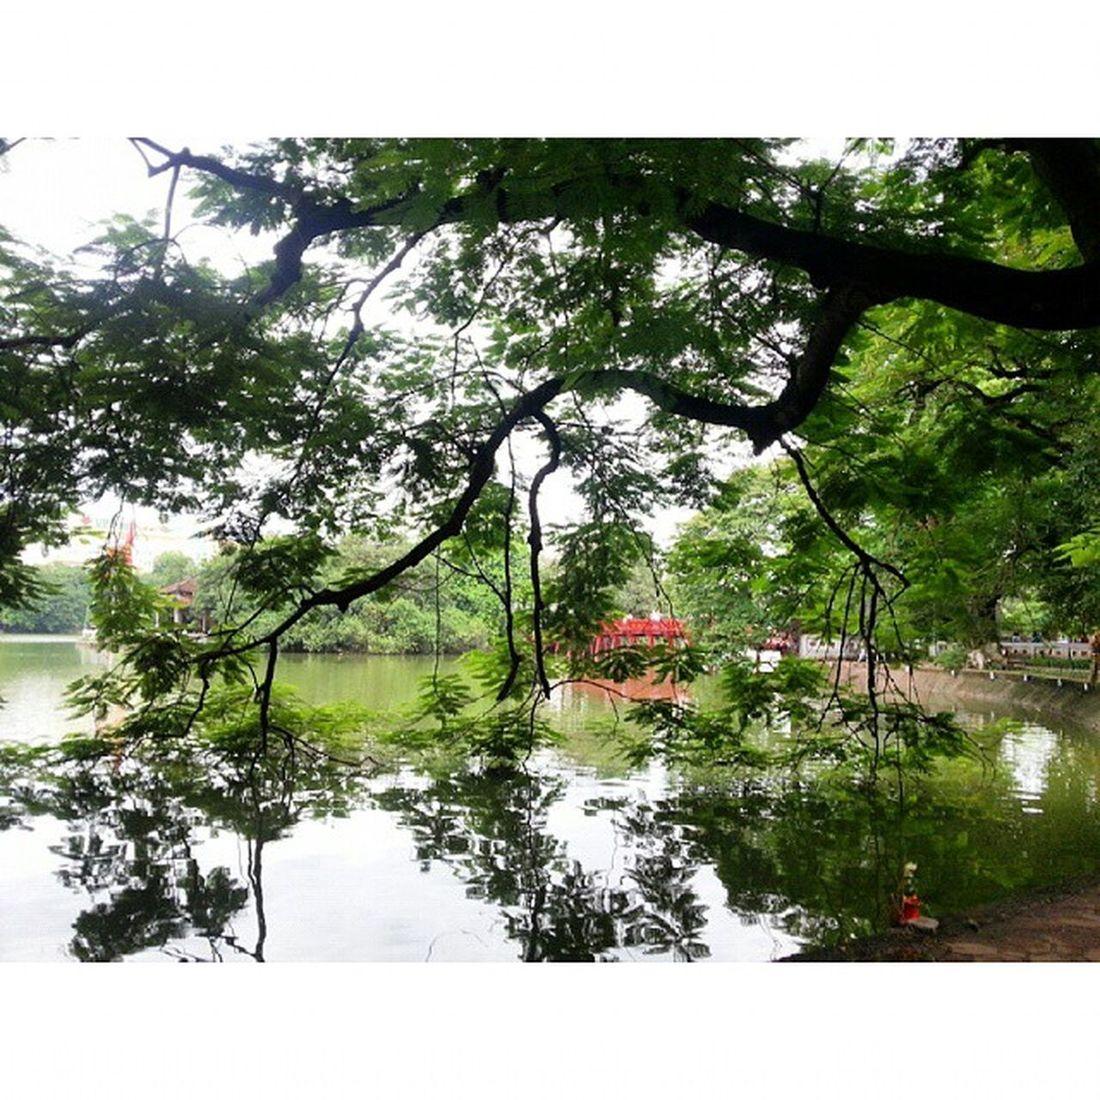 Một góc hồ Gươm, lấp ló xa xa là cầu Thê Húc cong cong như con tôm :3 Hoankiemlake TheHuc Hanoi Vietnam Photo taken by Me